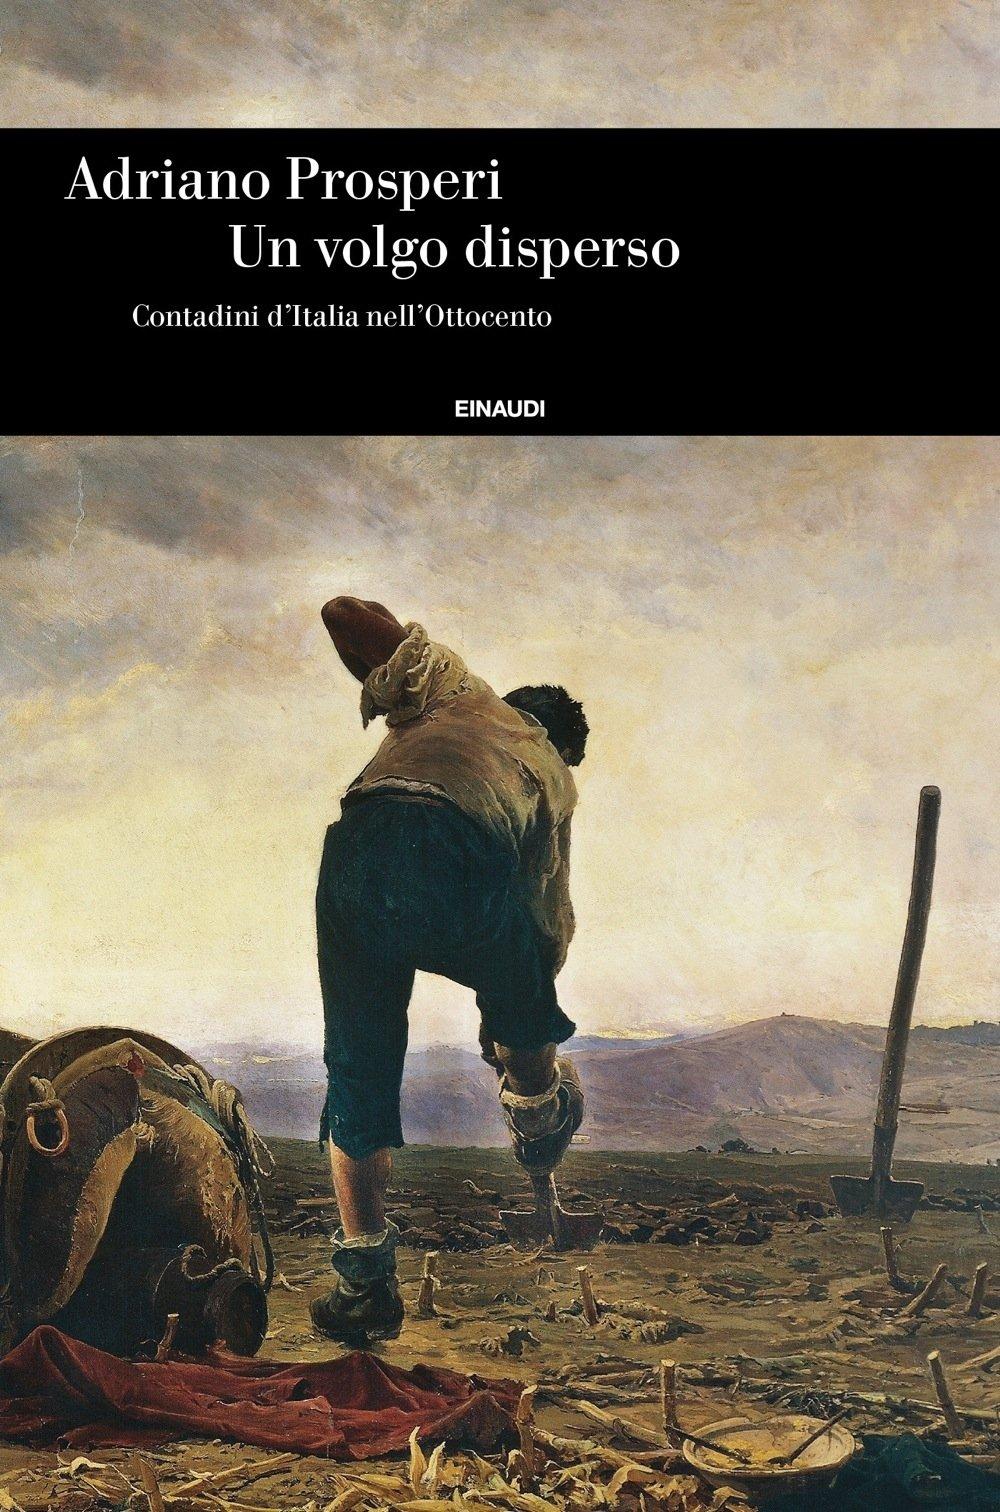 Consiglio di lettura: Un volgo disperso. Contadini d'Italia nell'Ottocento, di Adriano Prosperi